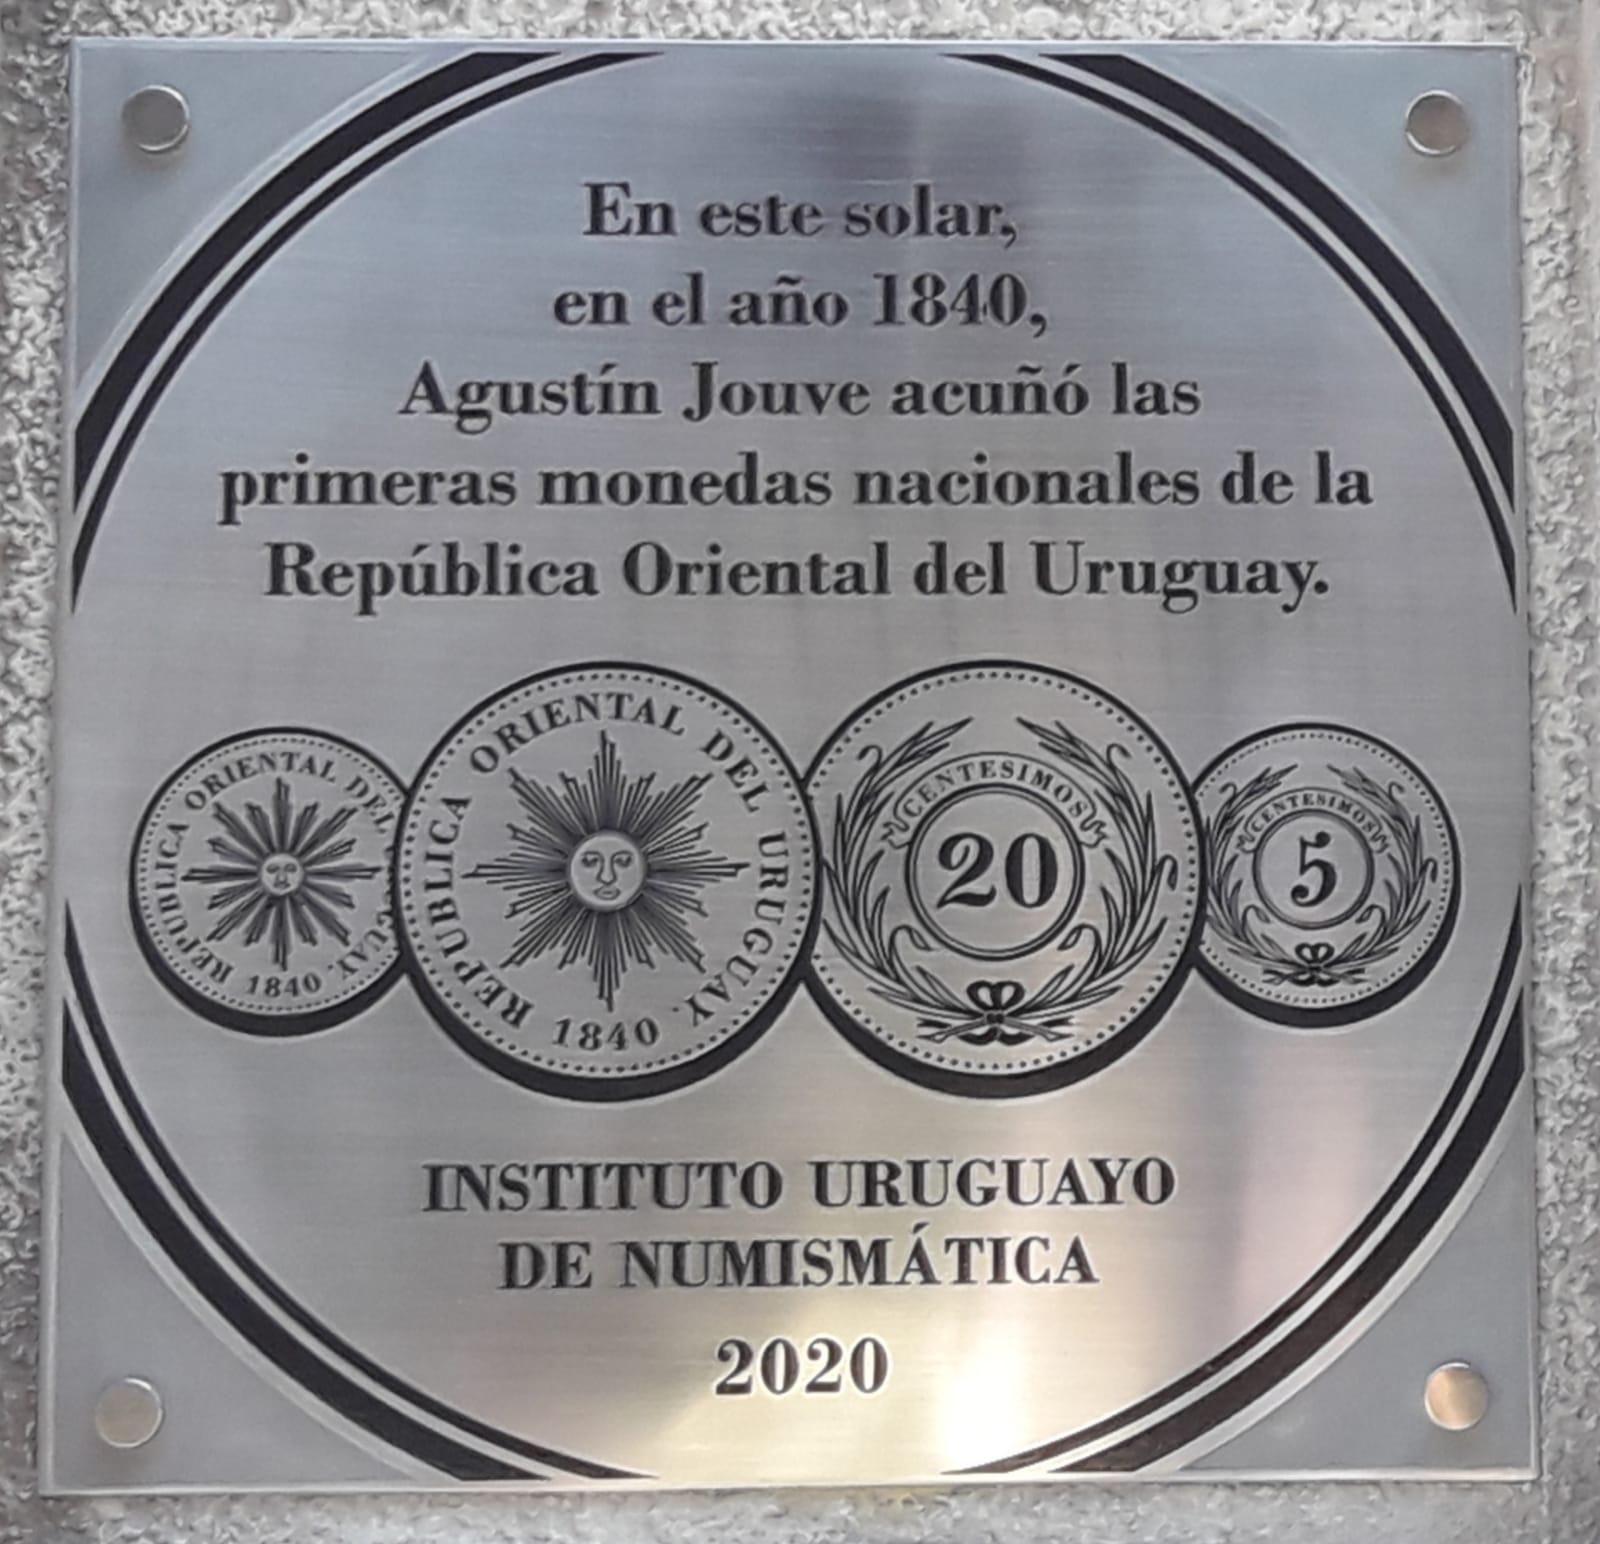 Primeras monedas uruguayas en 1840